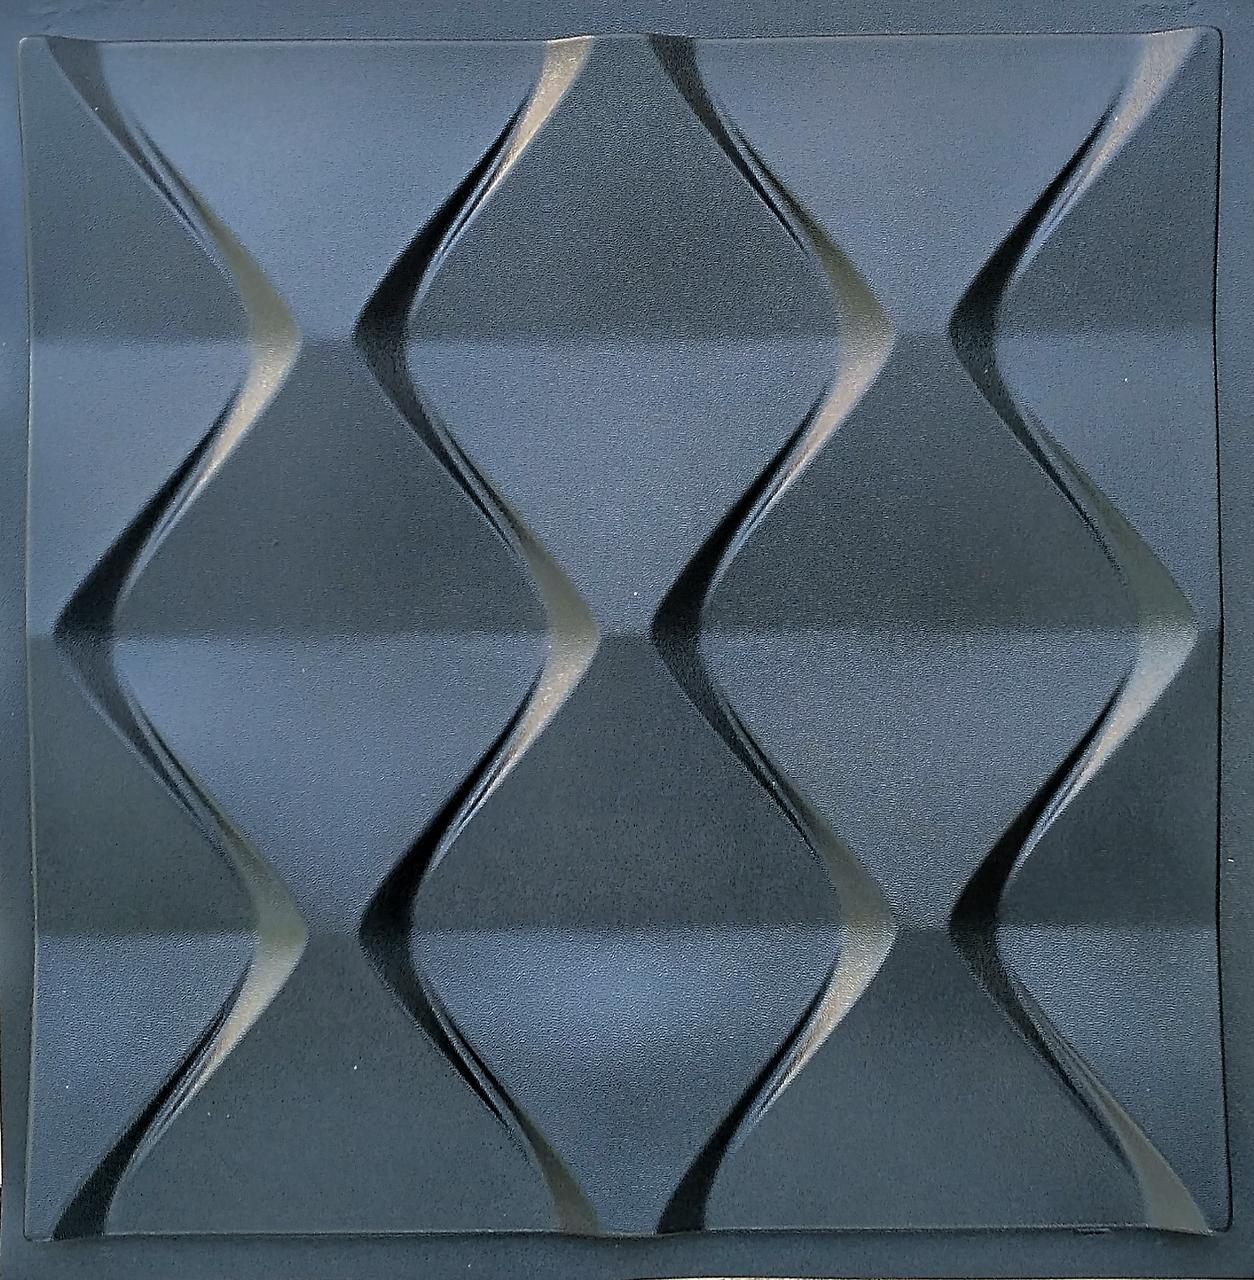 """Пластиковая форма для изготовления 3d панелей """"Пирамидки"""" 50*50 (форма для 3д панелей из абс пластика)"""